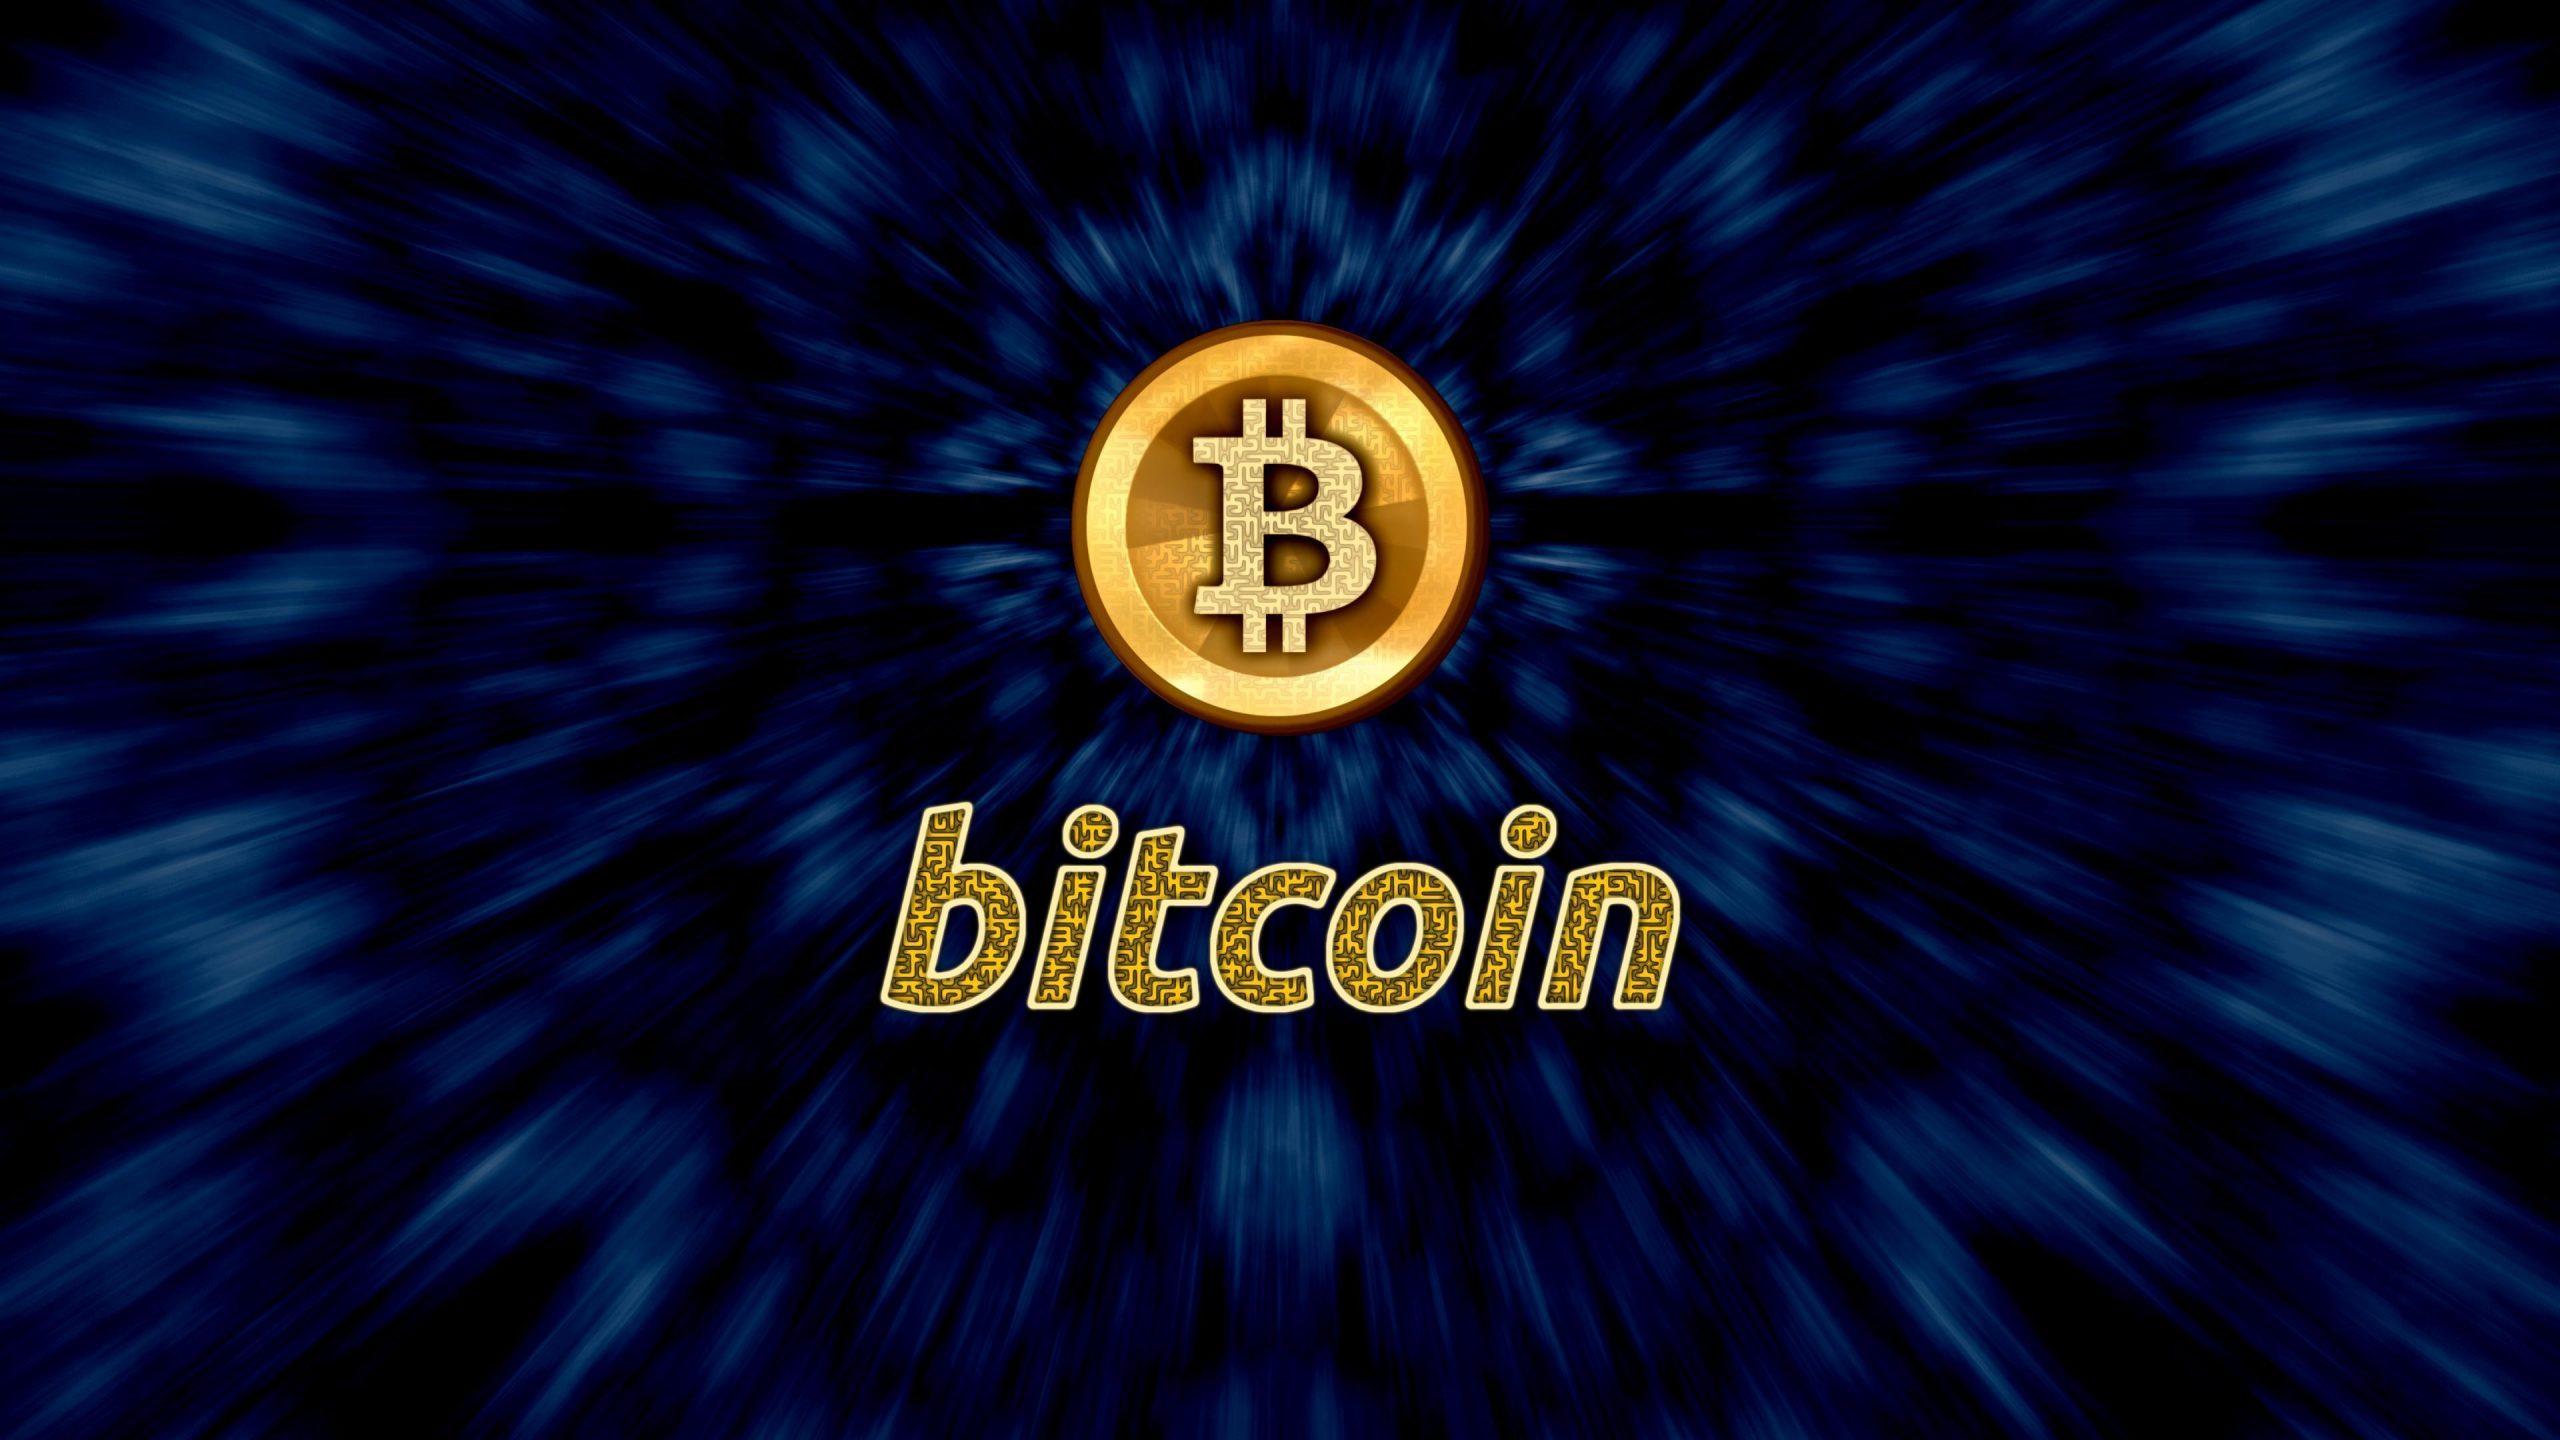 Bitcoin Fiyatı İçin Takip Edilmesi Gereken 3 Gösterge Neler?